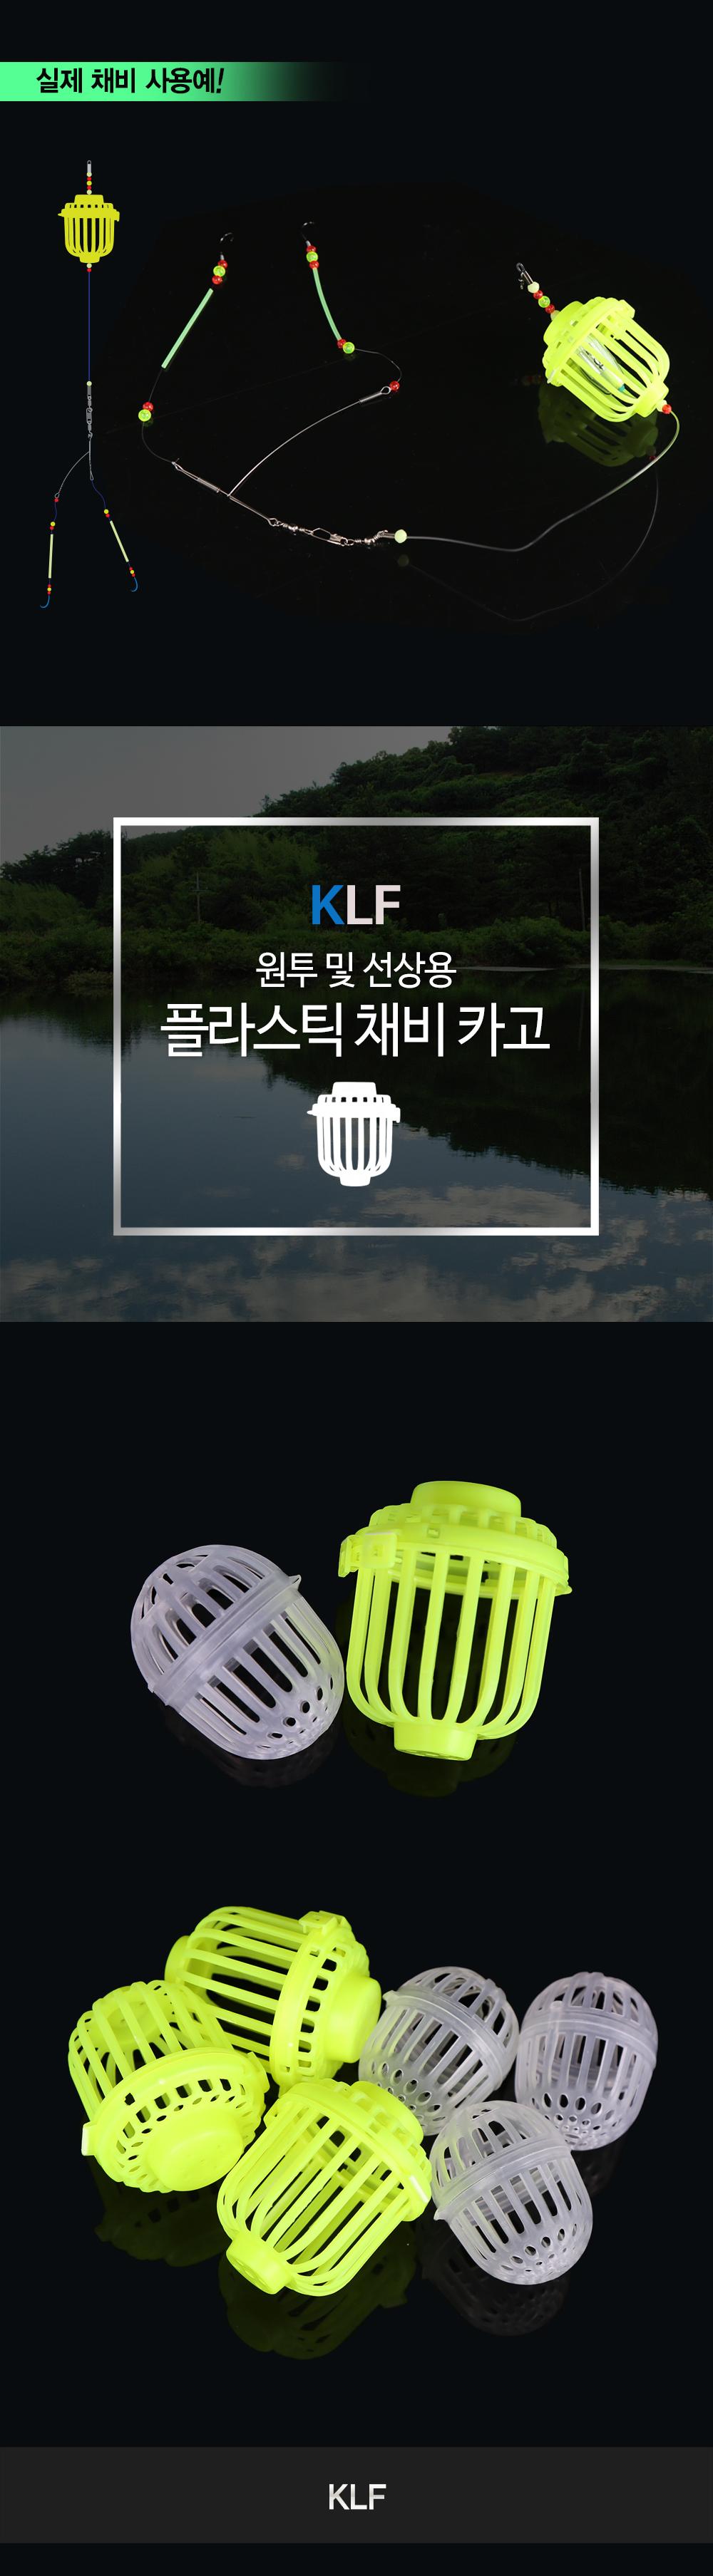 KLF 원투 및 선상용 플라스틱 카고 중 -3개입 소형카고 원투카고 선상카고 플라스틱카고 카고낚시 카고원투 소카고